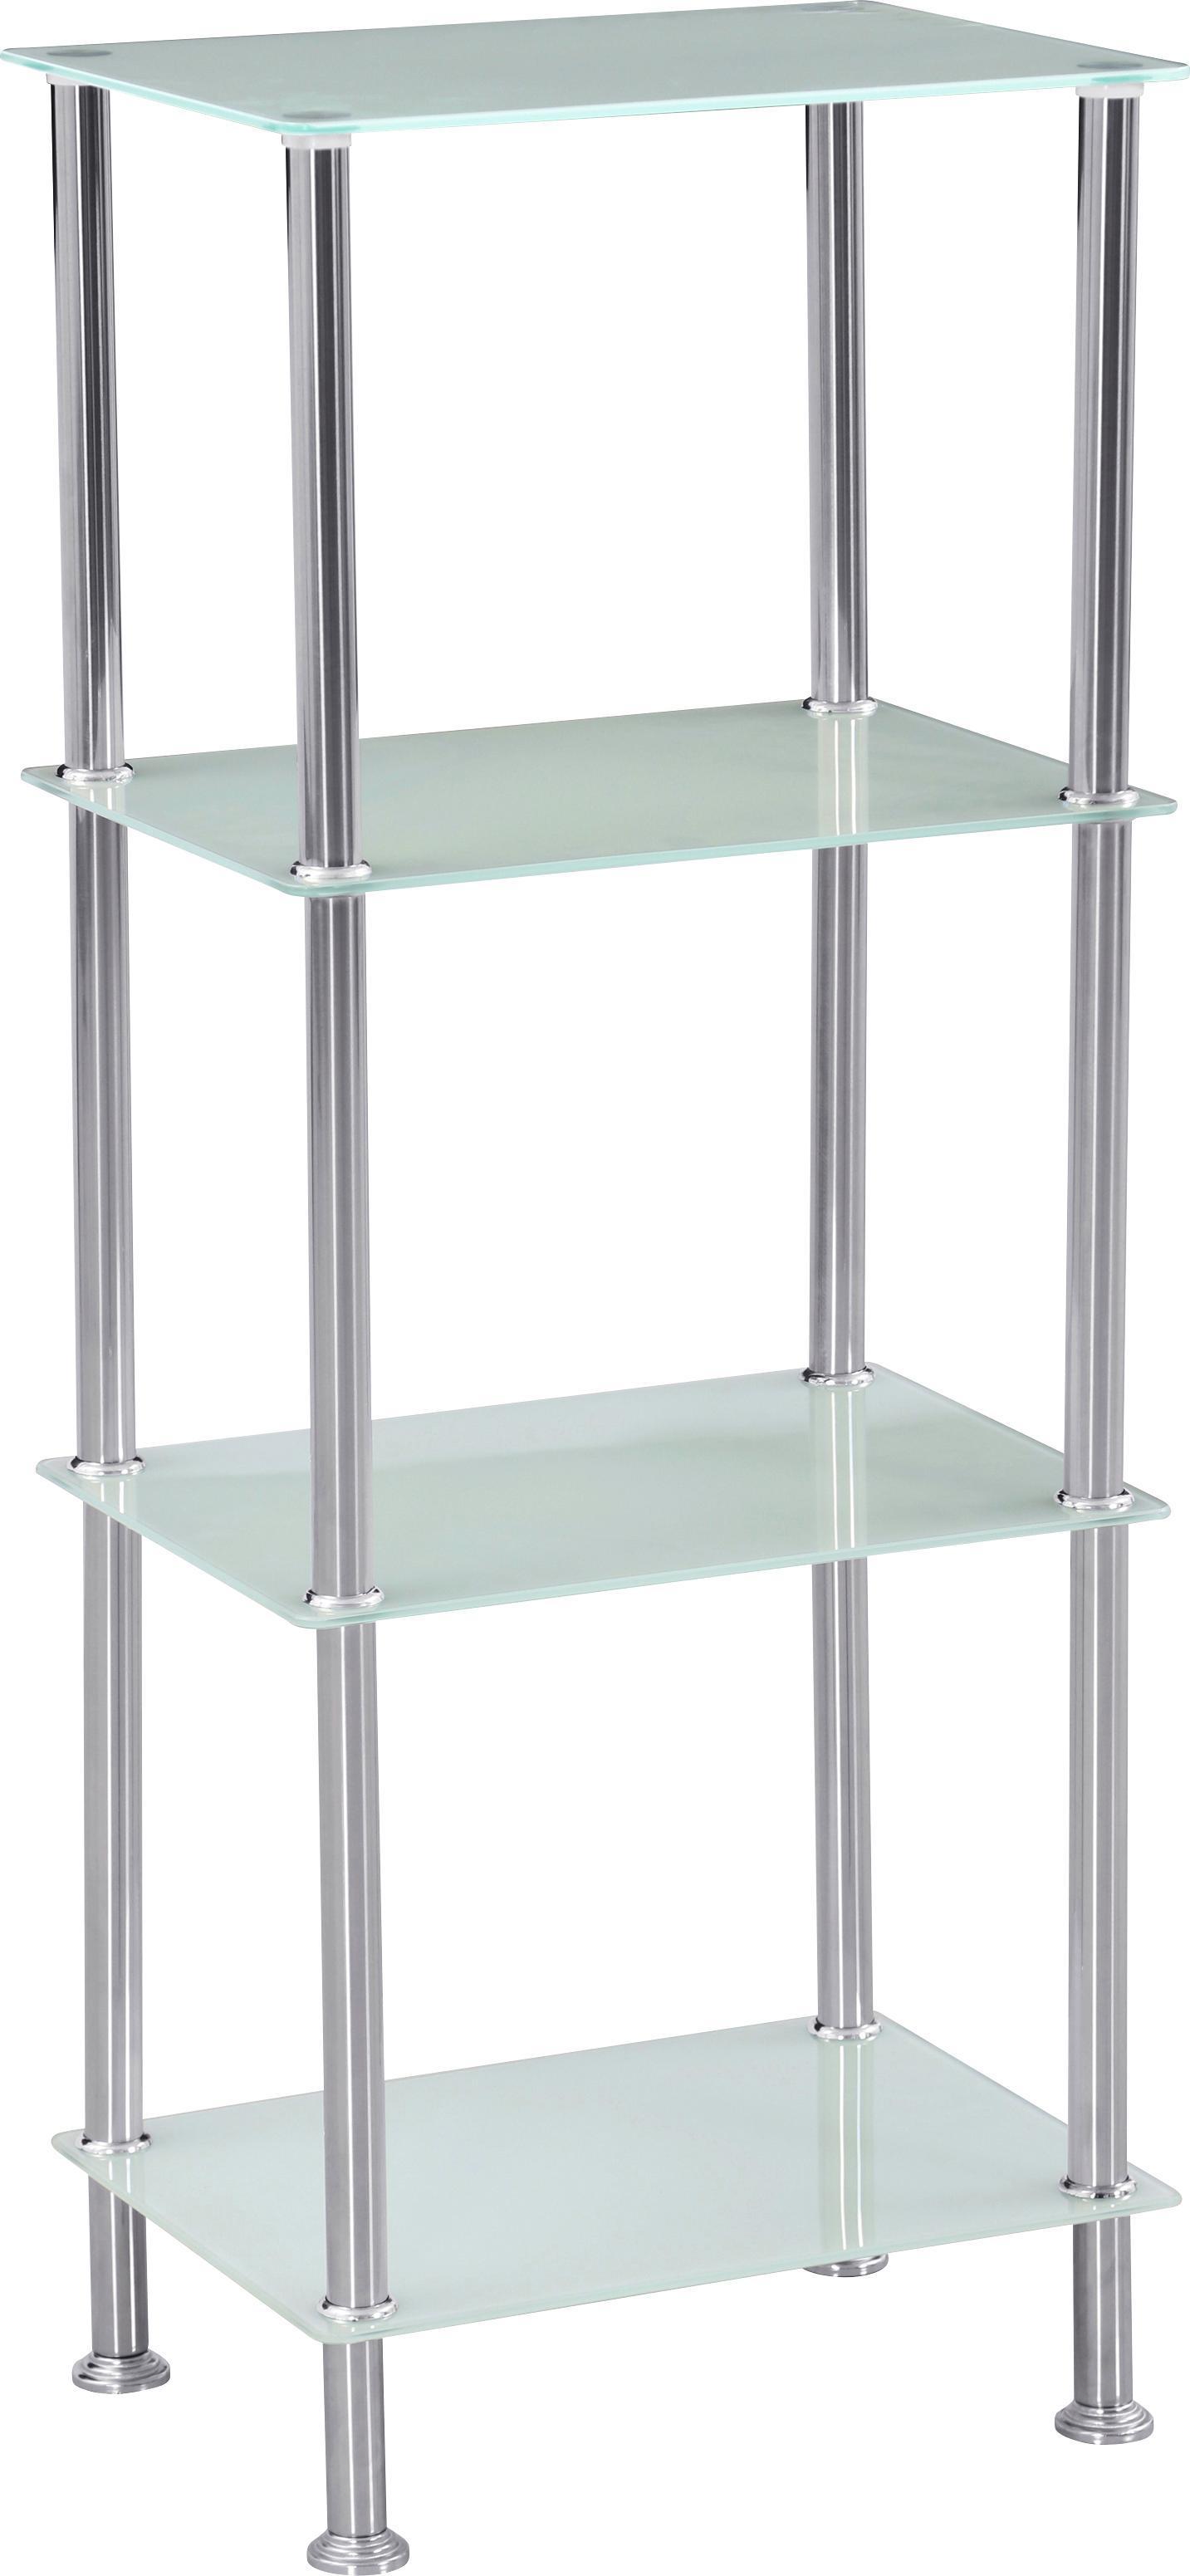 Regal aus Edelstahl und Glas zum Stellen